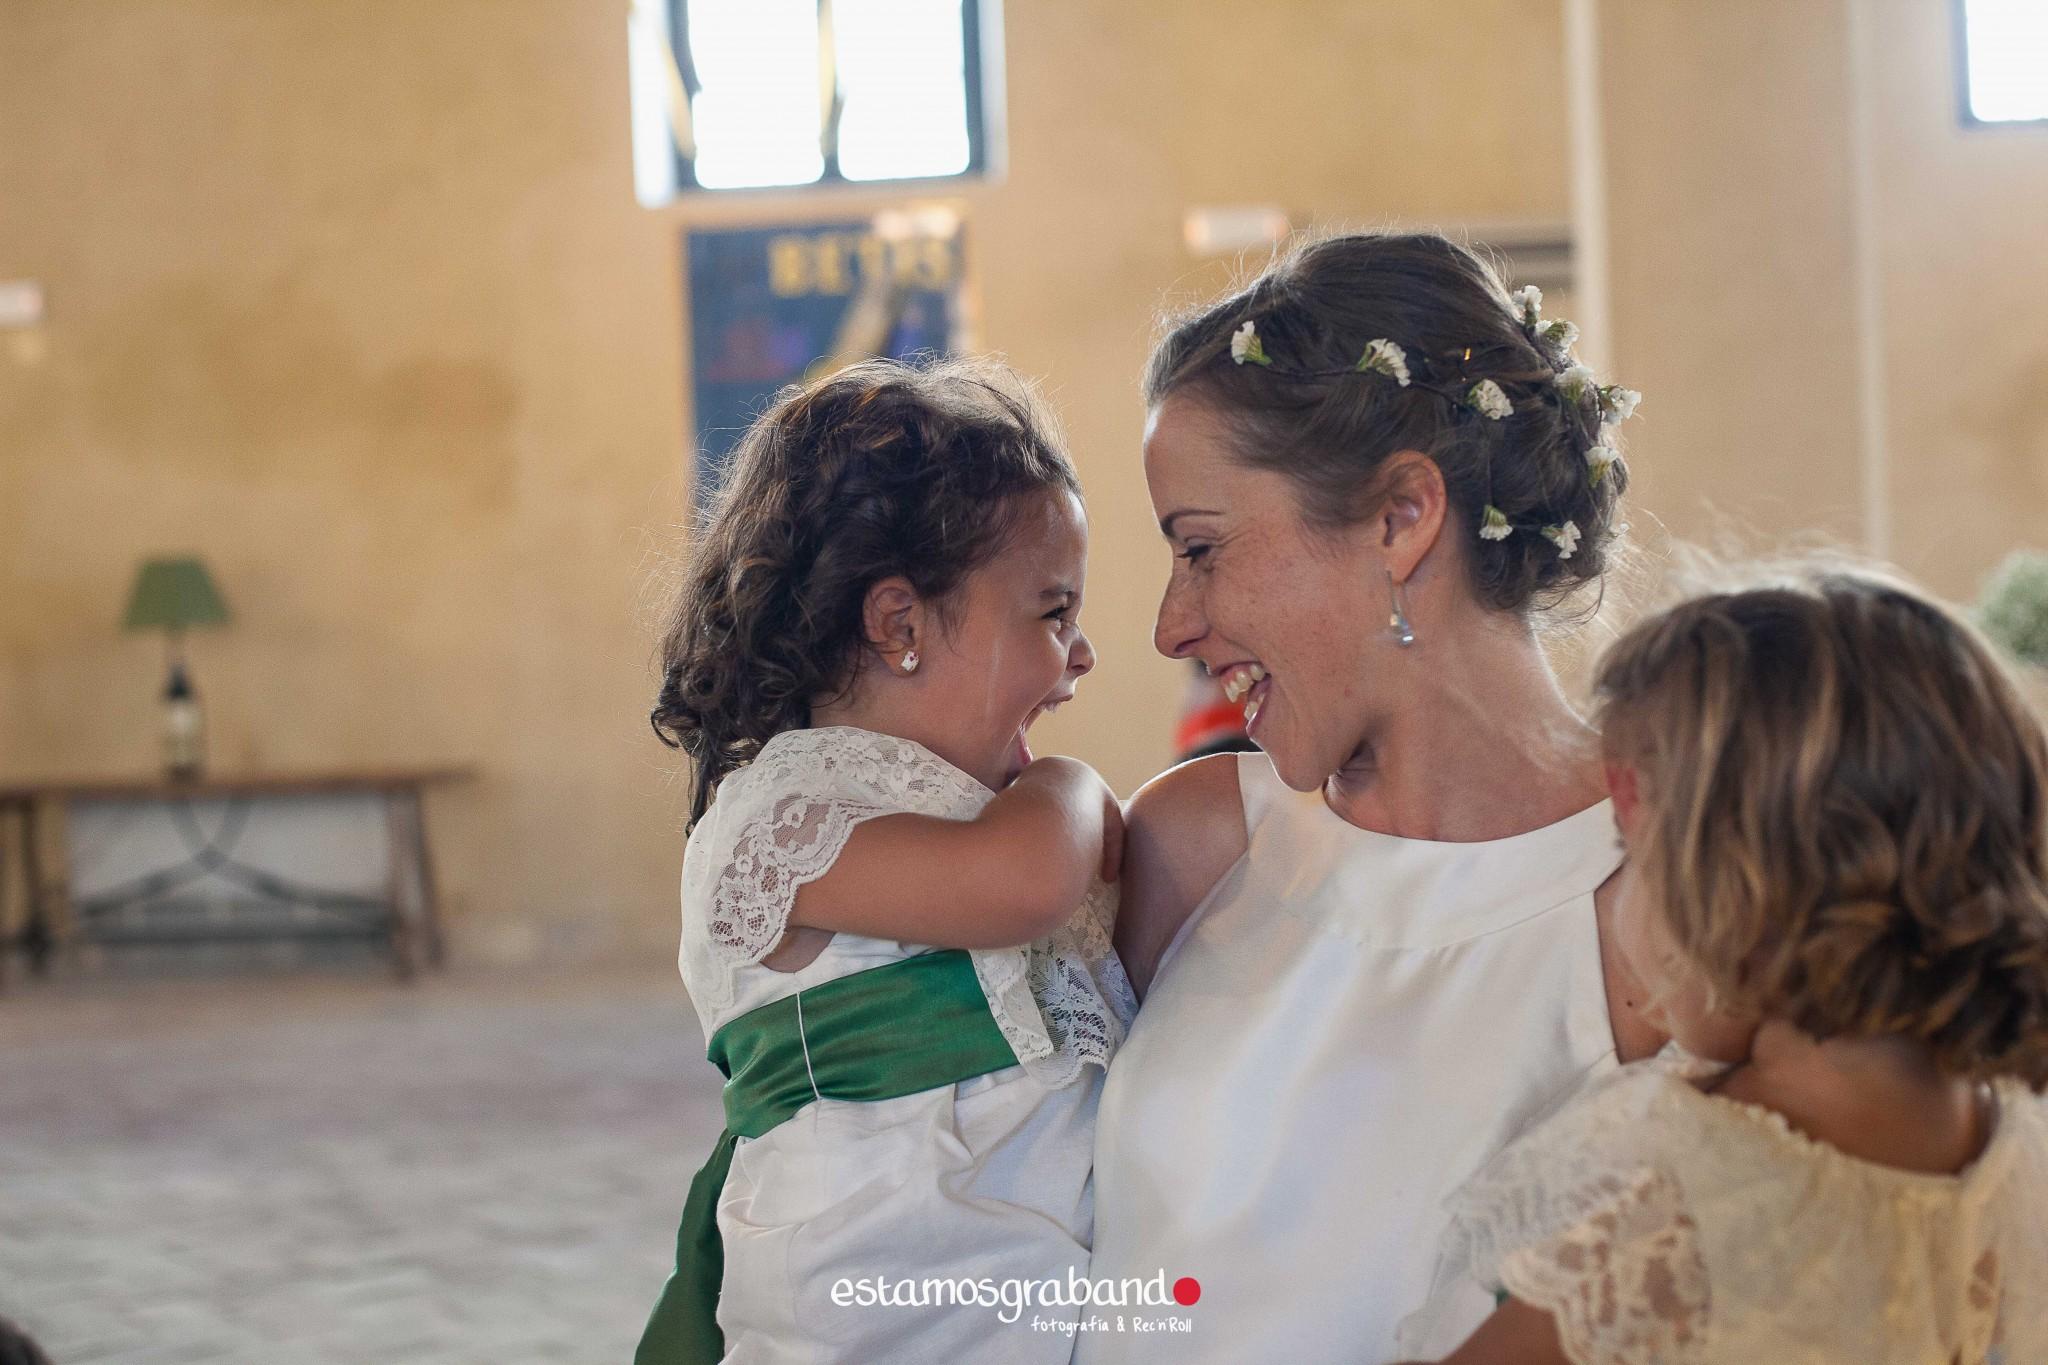 fotografo-de-bodas-jerez_mari-paz-jaime_bodegas-tradiciocc81n-39 32 escalones [Fotografía de bodas Jerez_Mari Paz & Jaime] - video boda cadiz